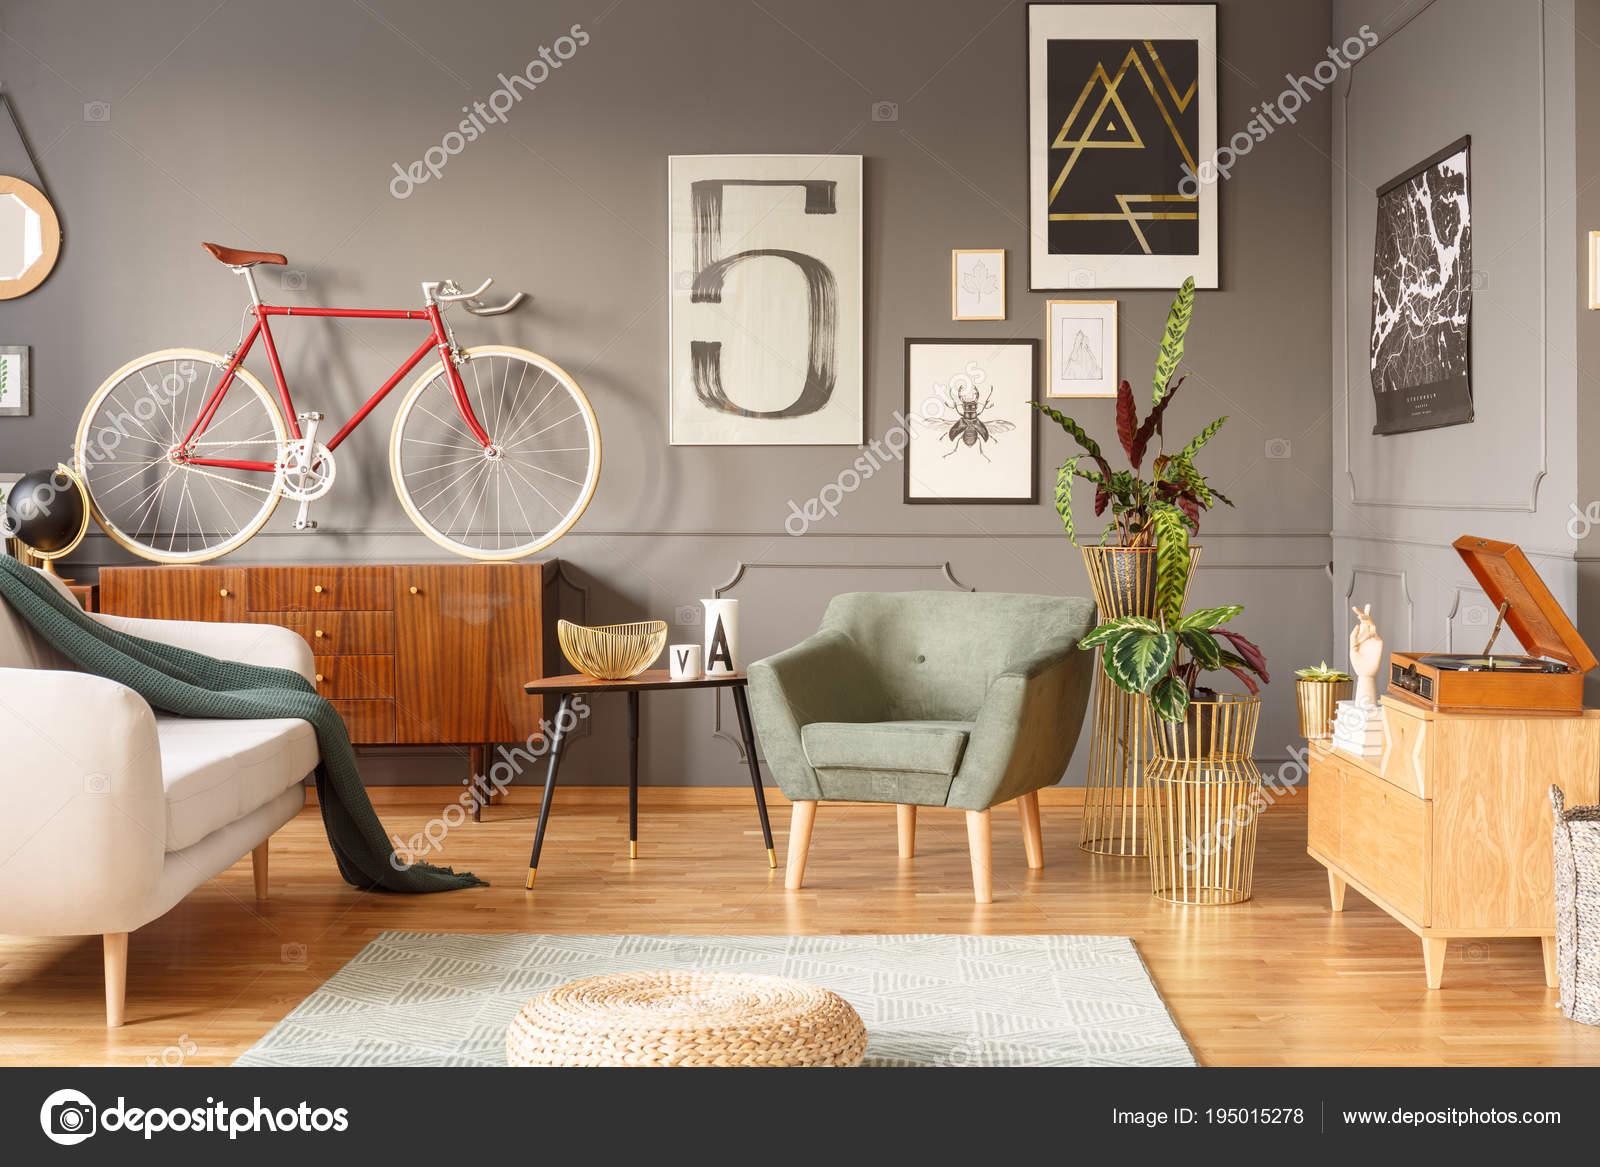 Retro Wohnzimmer   Retro Wohnzimmer Mit Poster Stockfoto C Photographee Eu 195015278